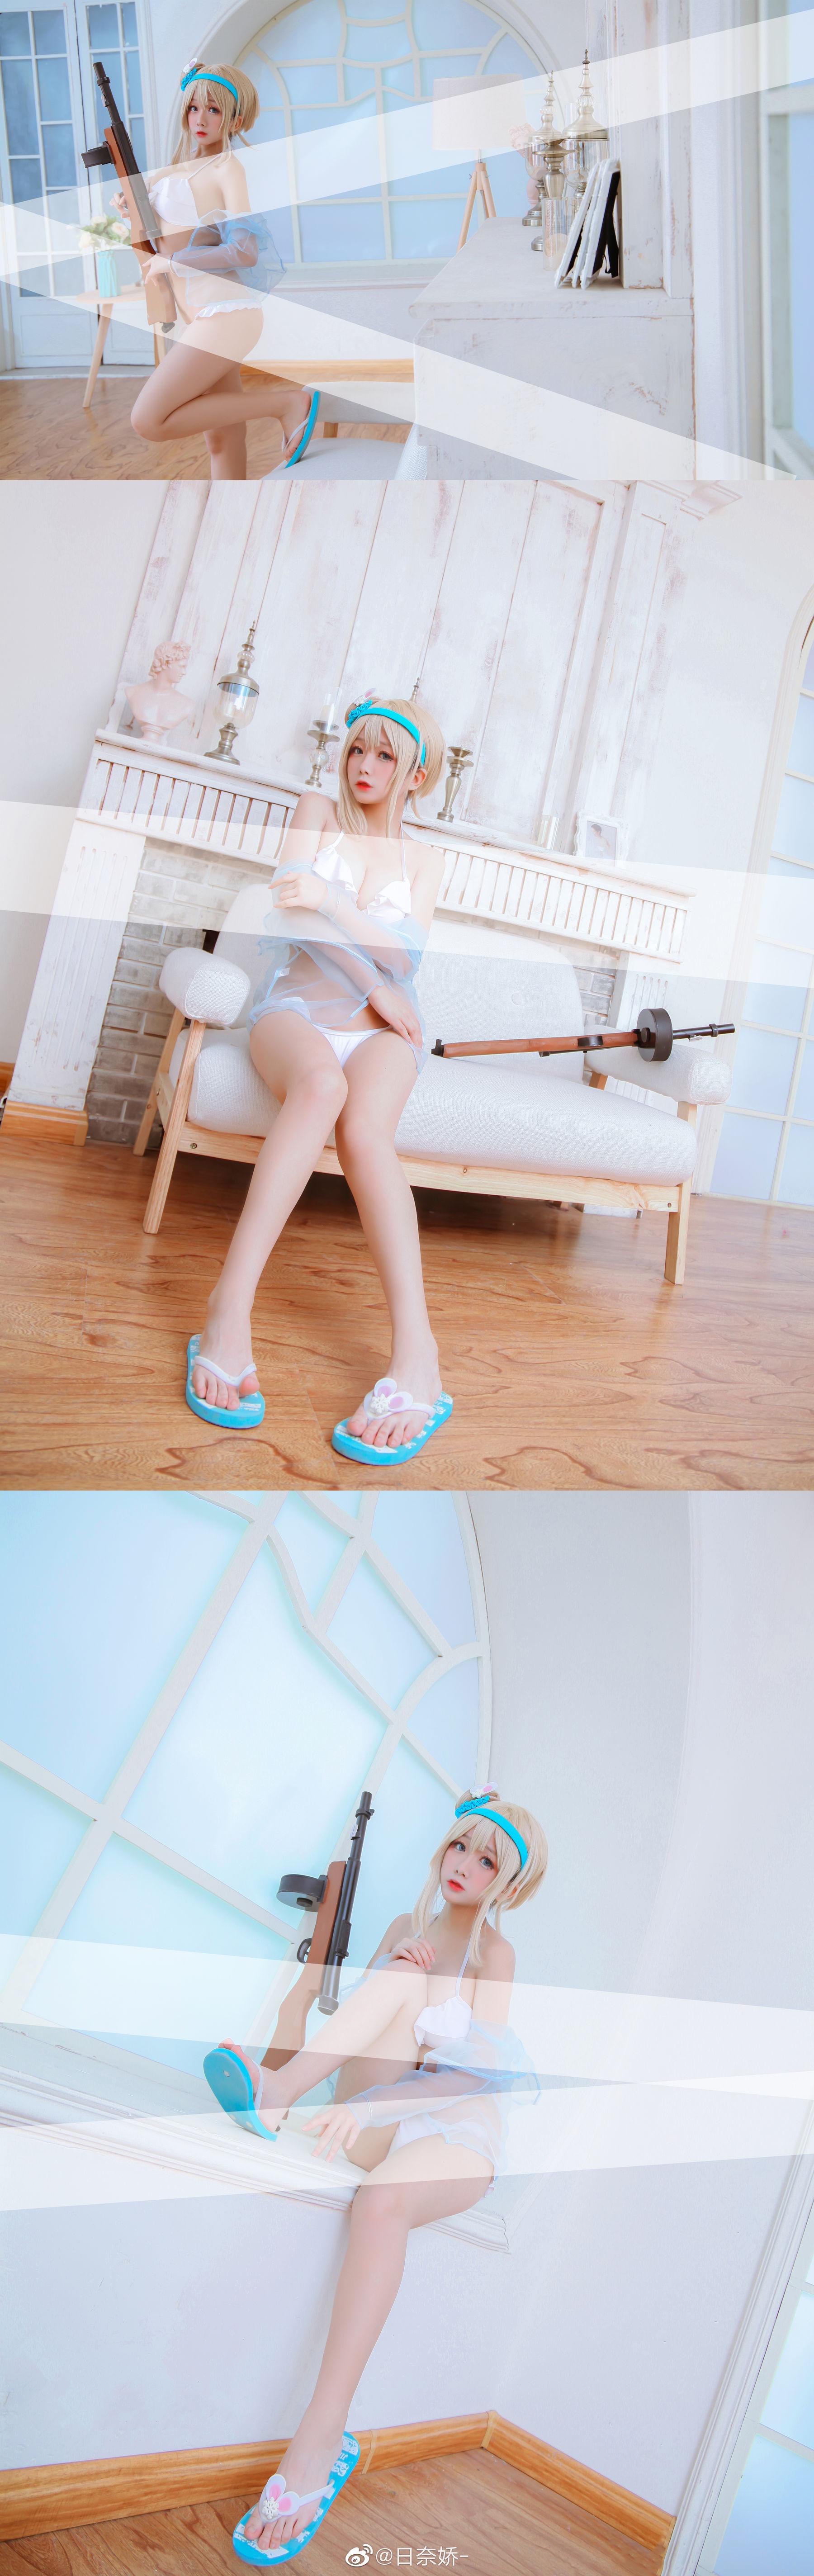 VOL.974 [网络美女]COSPLAY:日奈娇(COSER日奈娇)高品质写真套图(8P)